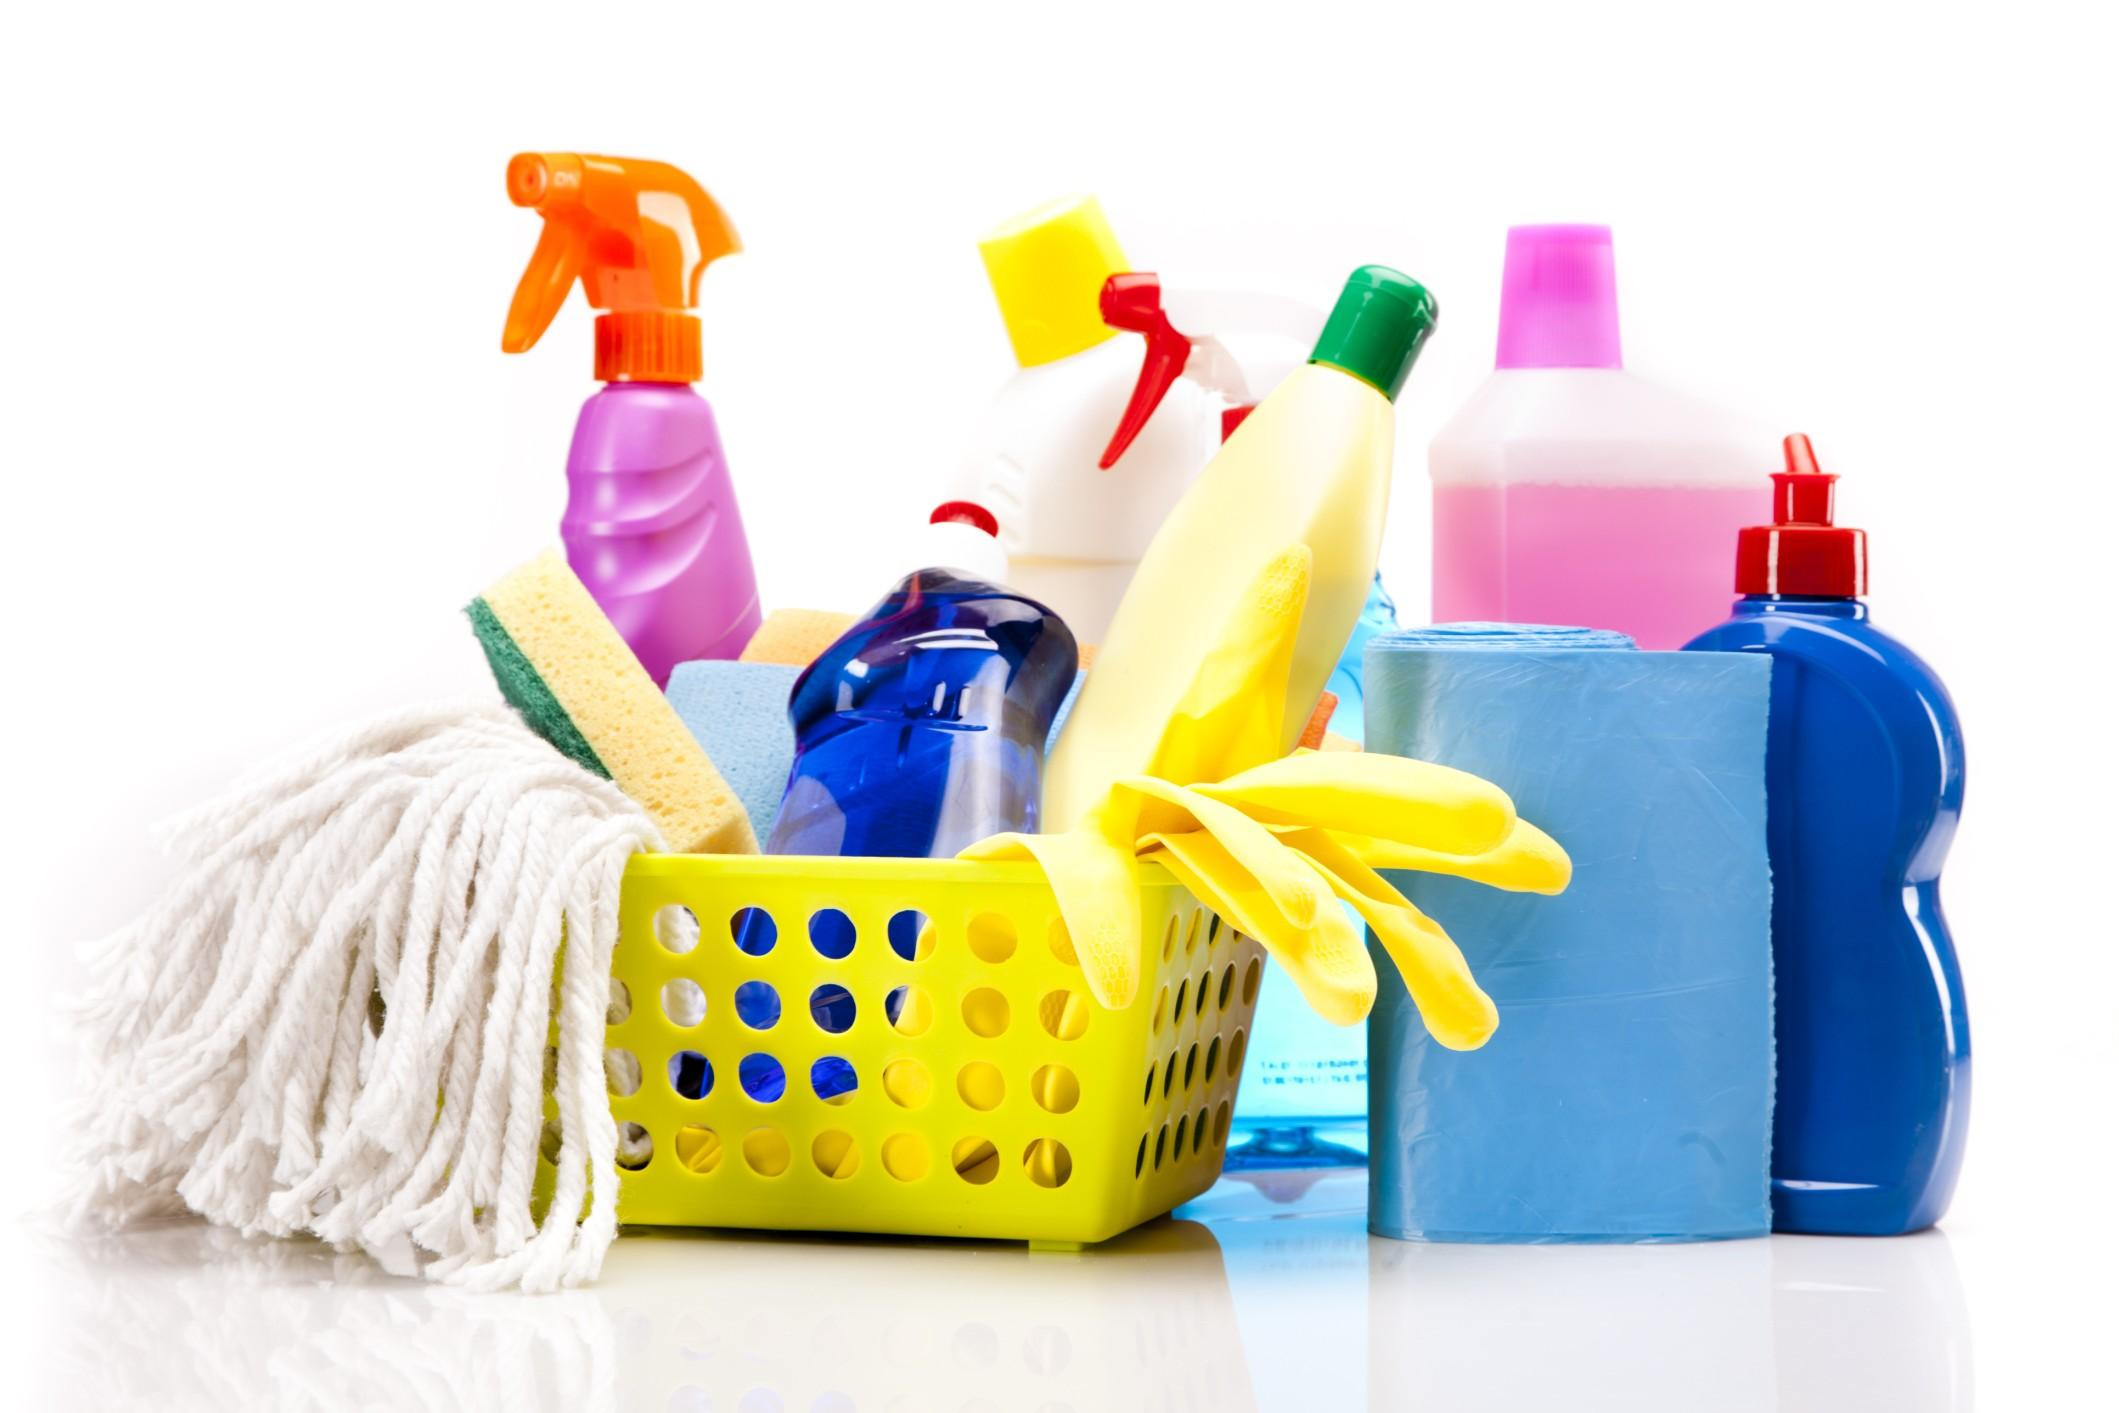 Detersivi e detergenti chimici inquinano l 39 aria come le auto lo studio - Come fare i detersivi in casa ...